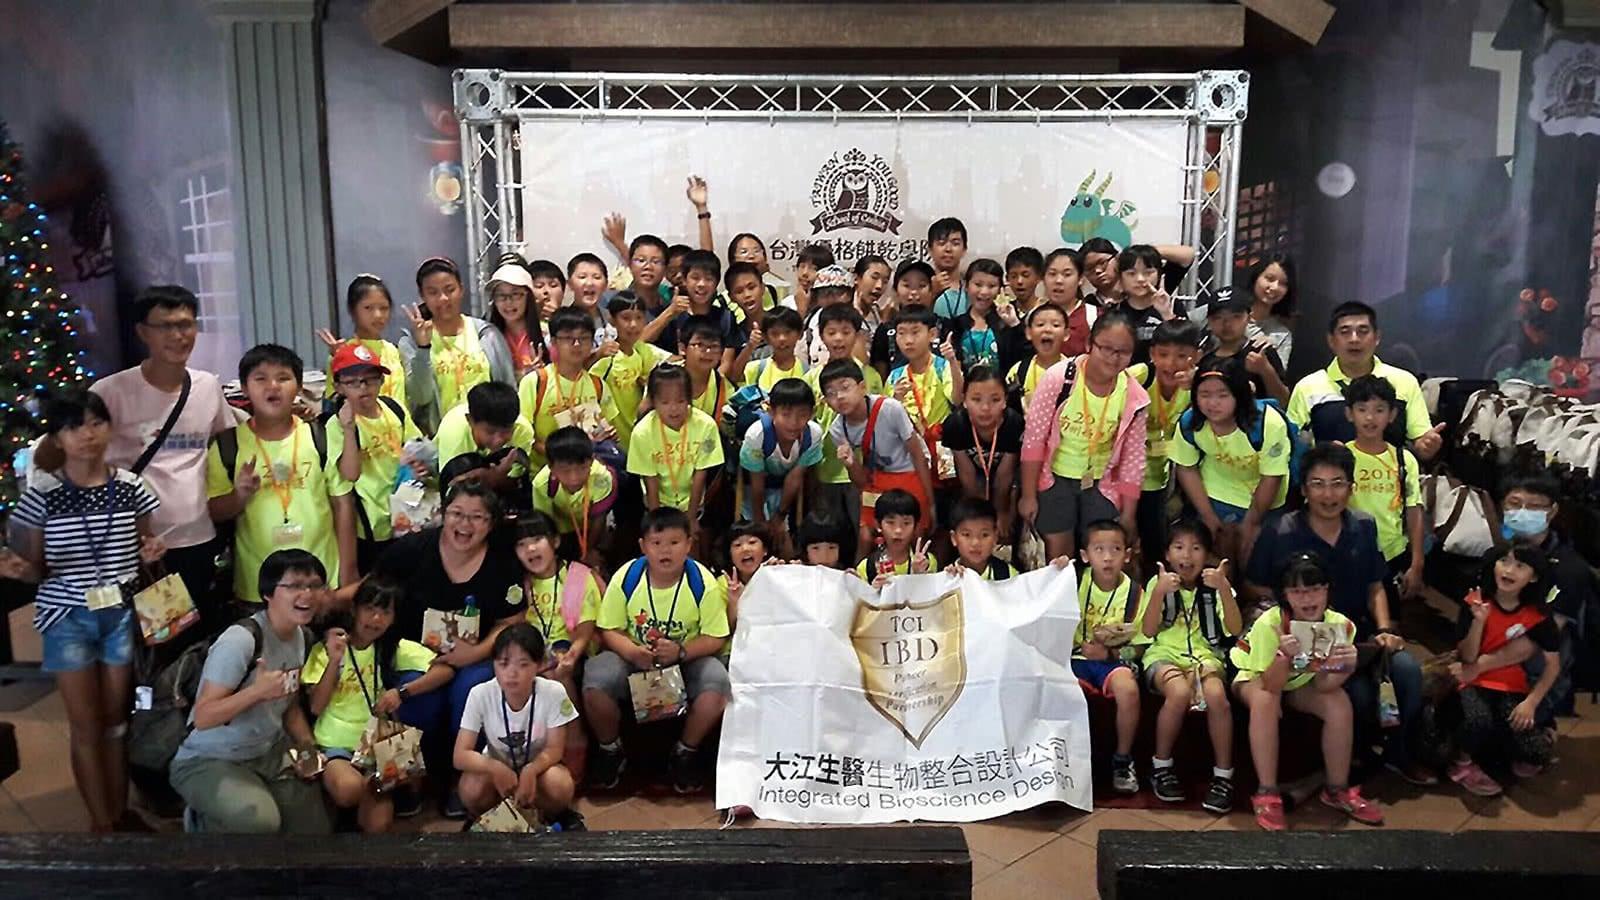 2018年 TCI 大江生醫 台中人文科學營 同安國小